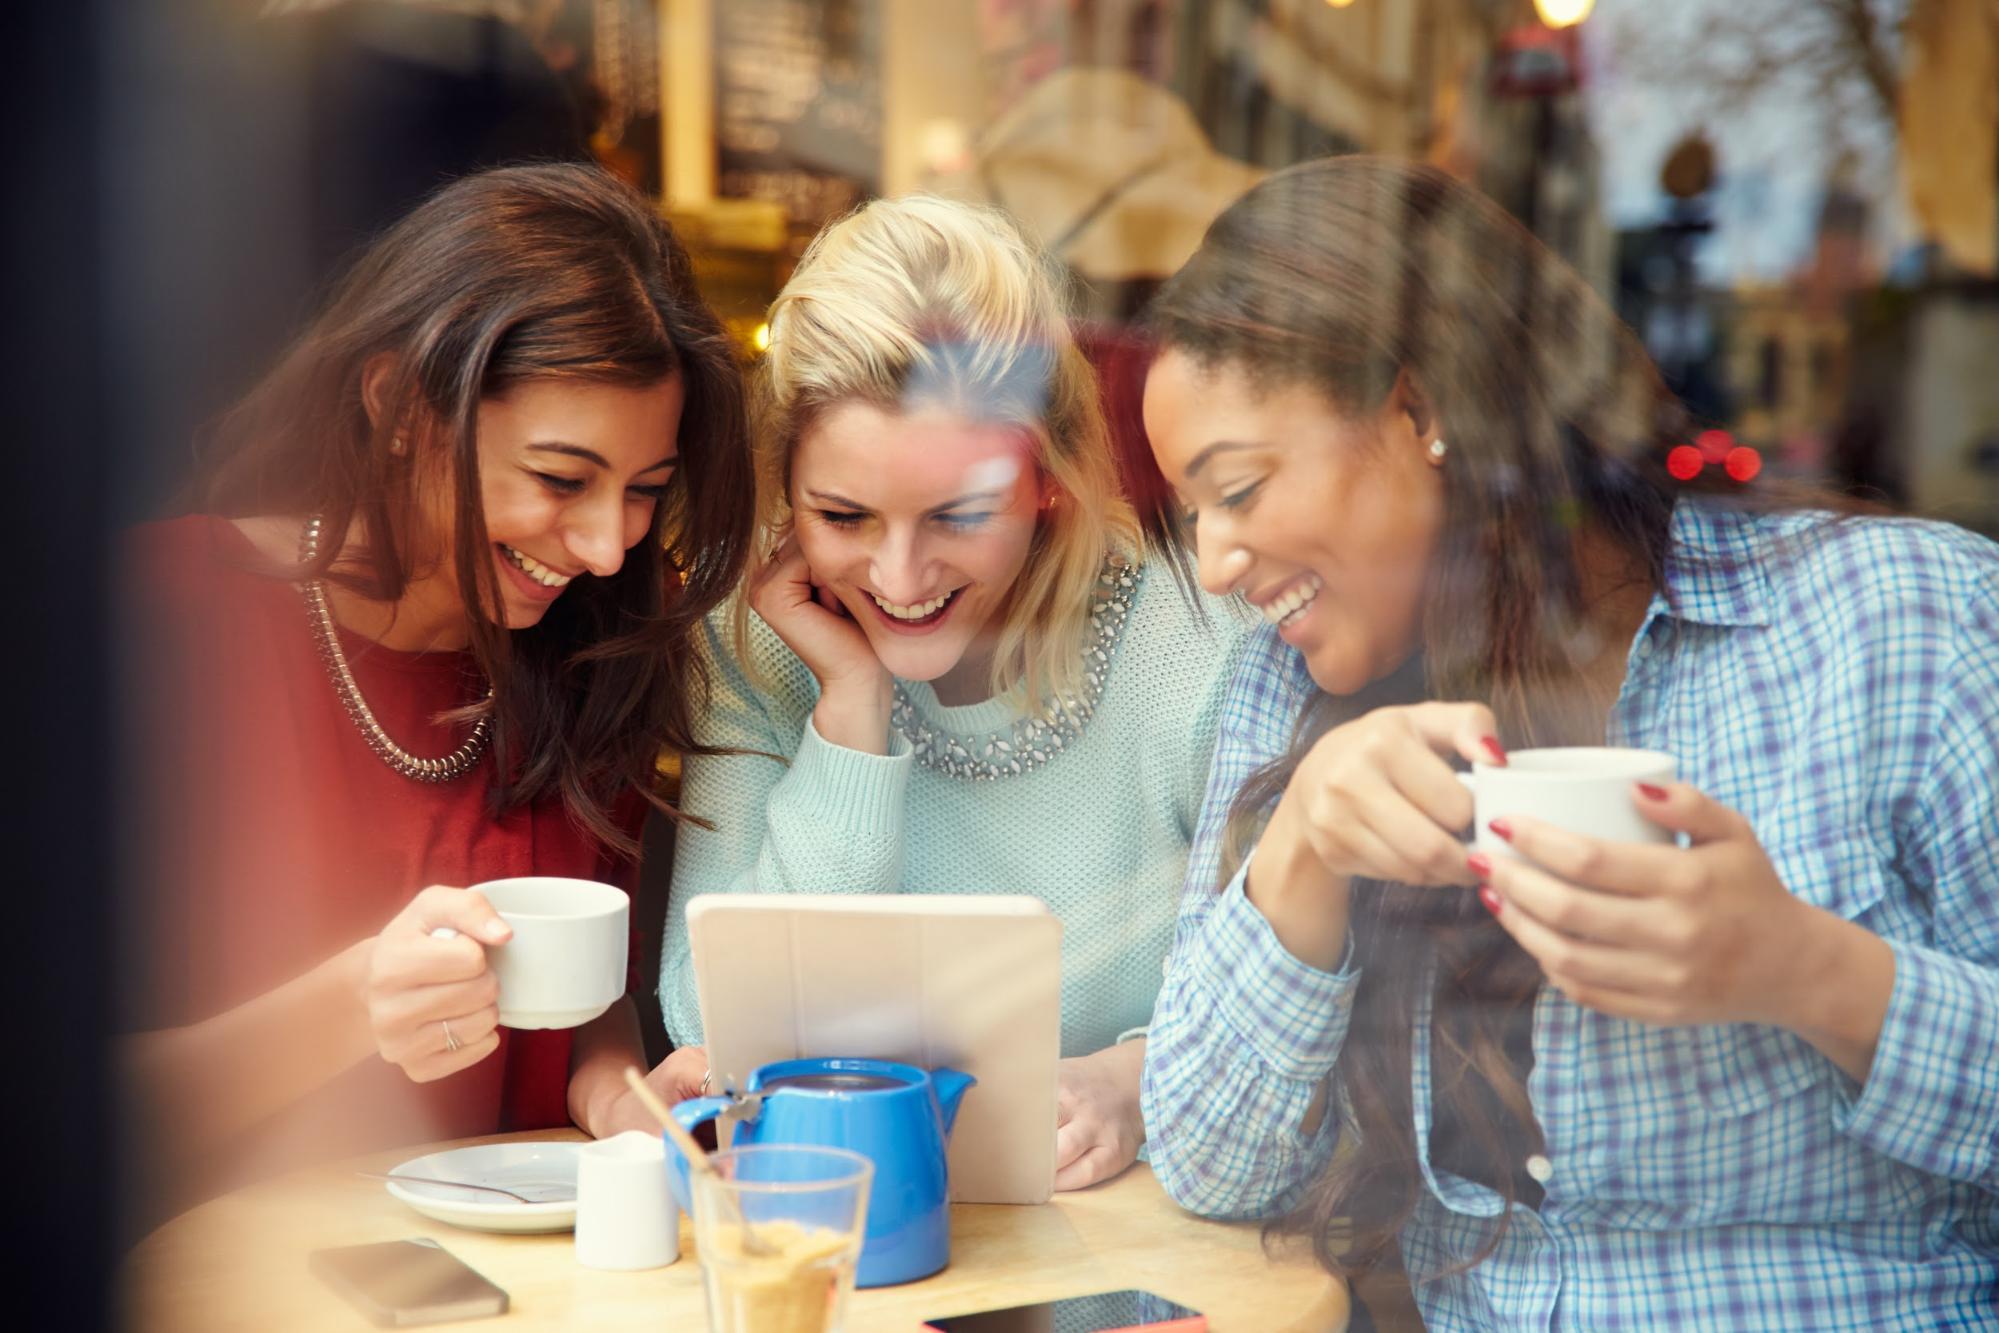 three women watching ipad